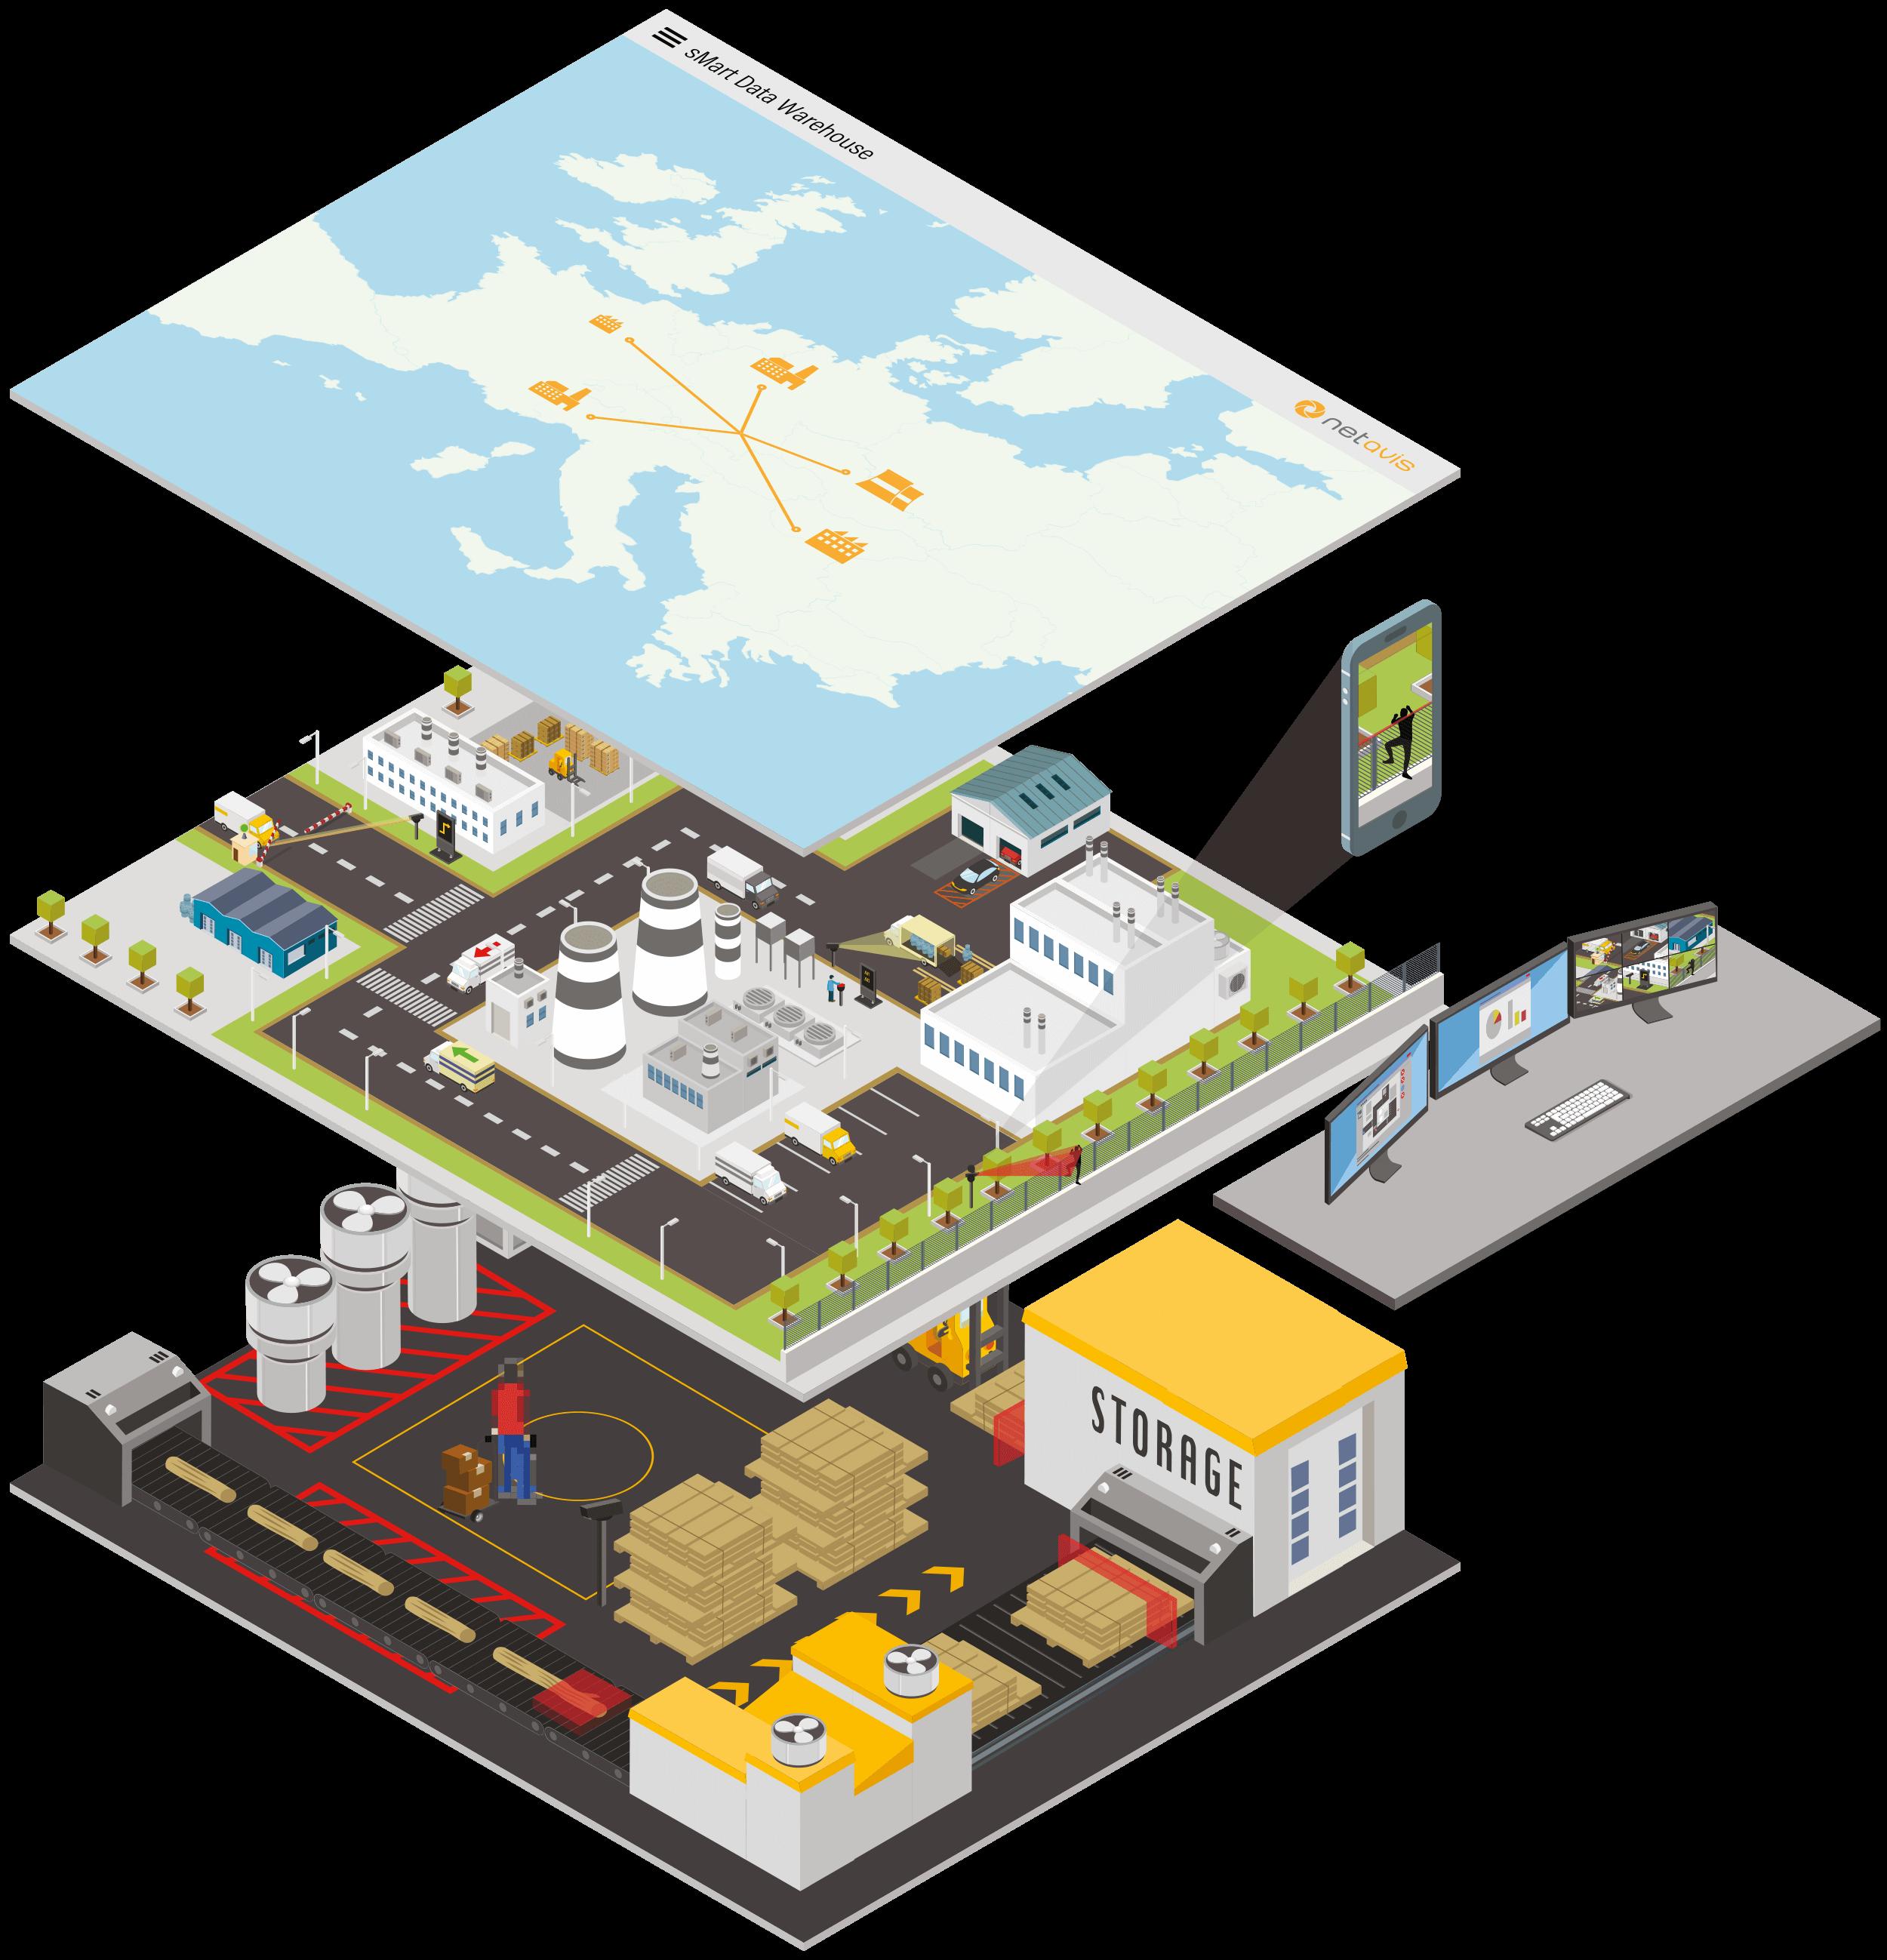 Illustration mit Beispielen für Netavis Lösungen für die Industrie